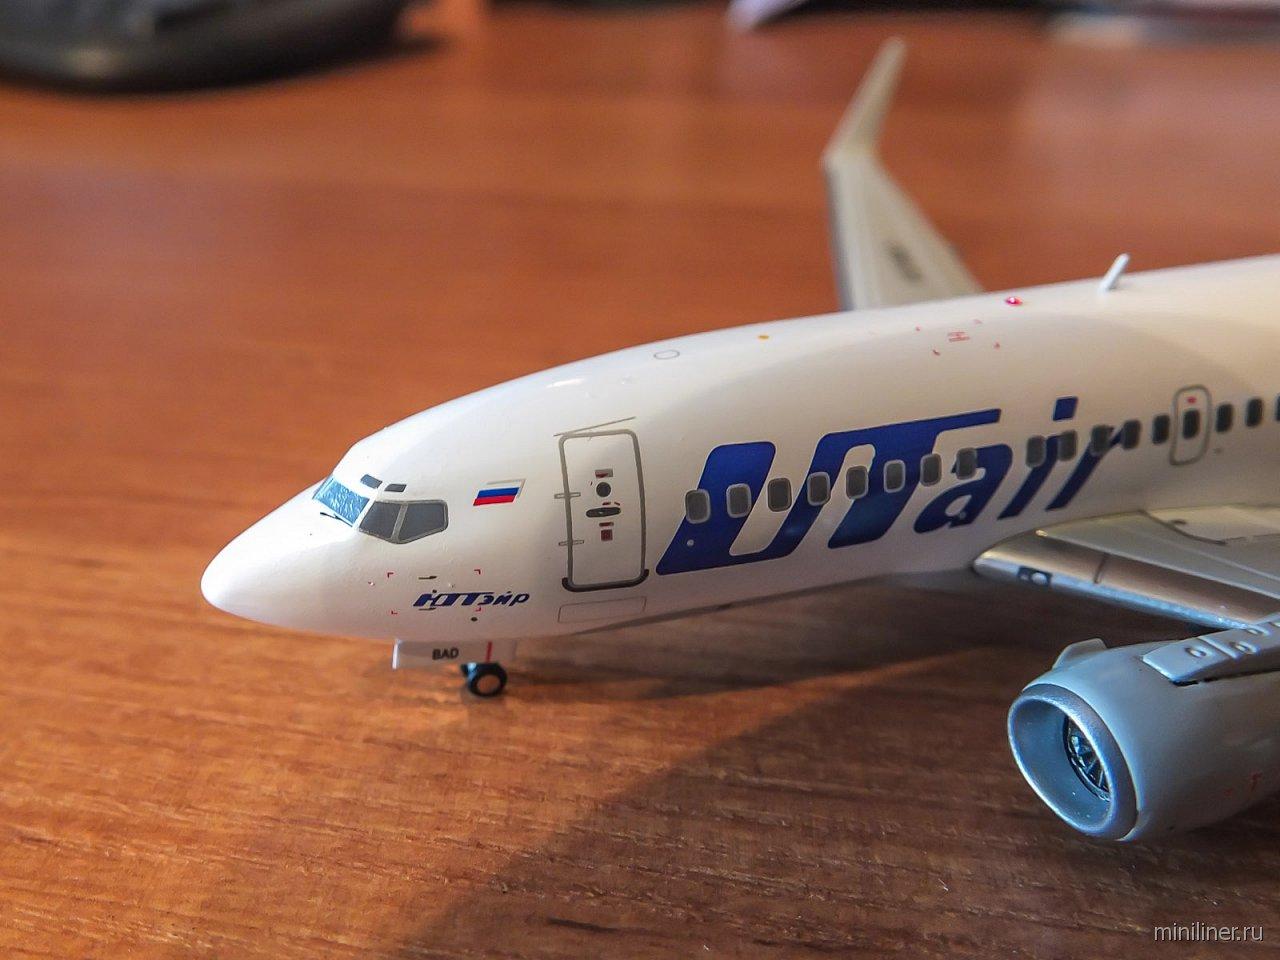 Самолет боинг 737-500 схема самолета